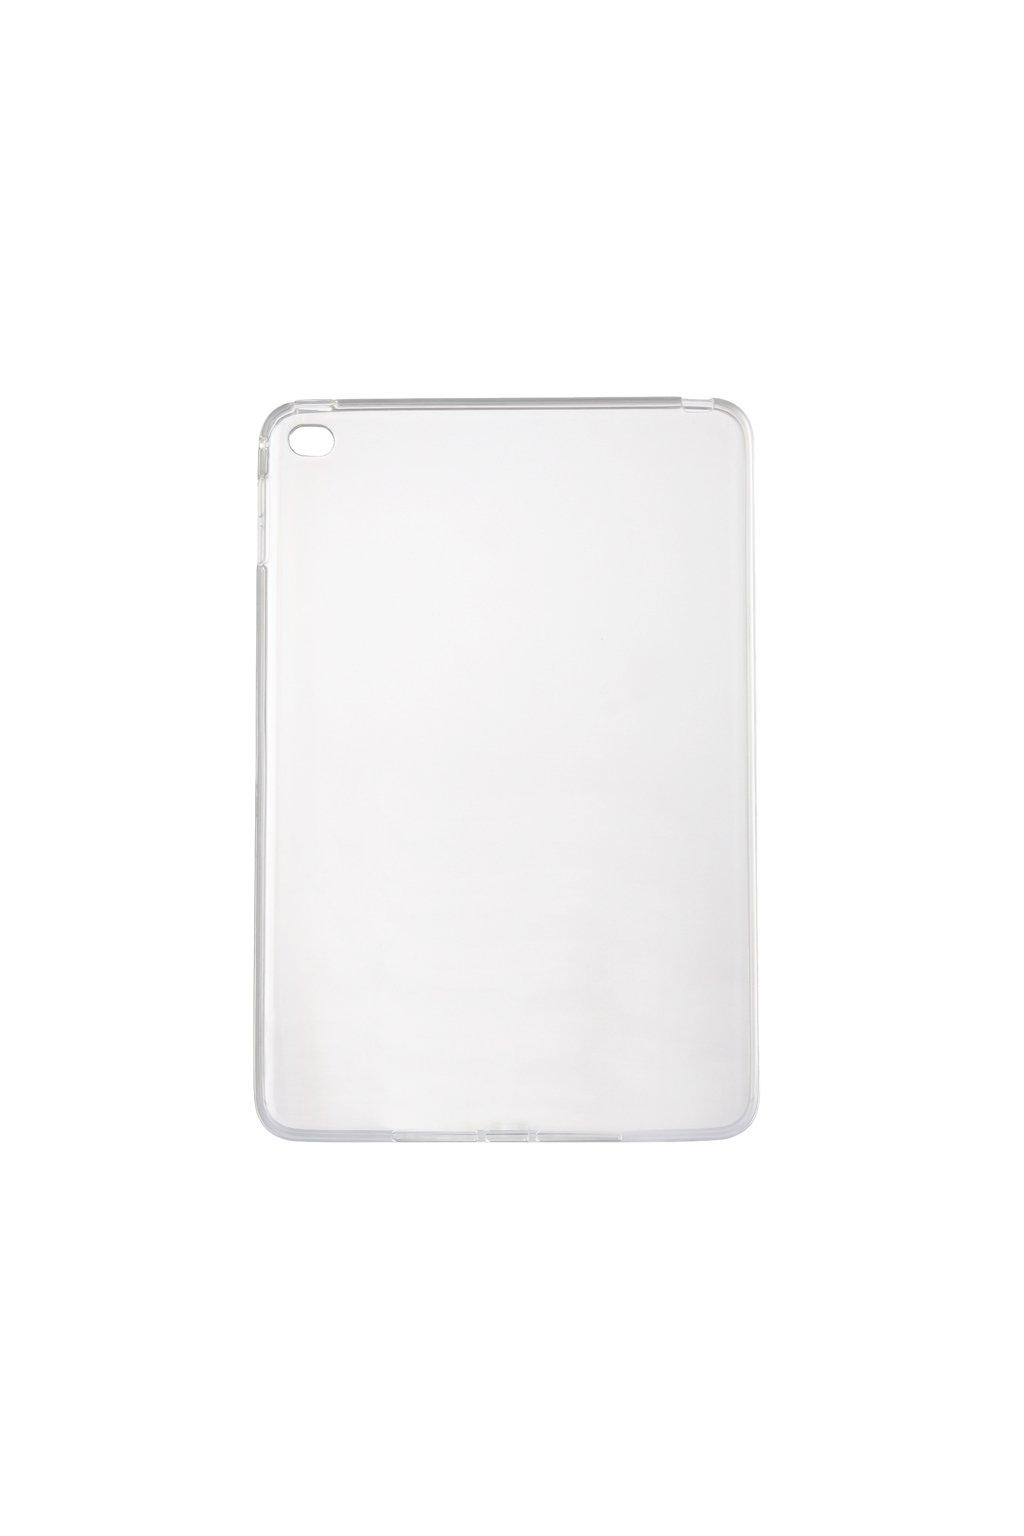 Pouzdro TPU Apple iPad mini 4, transparent